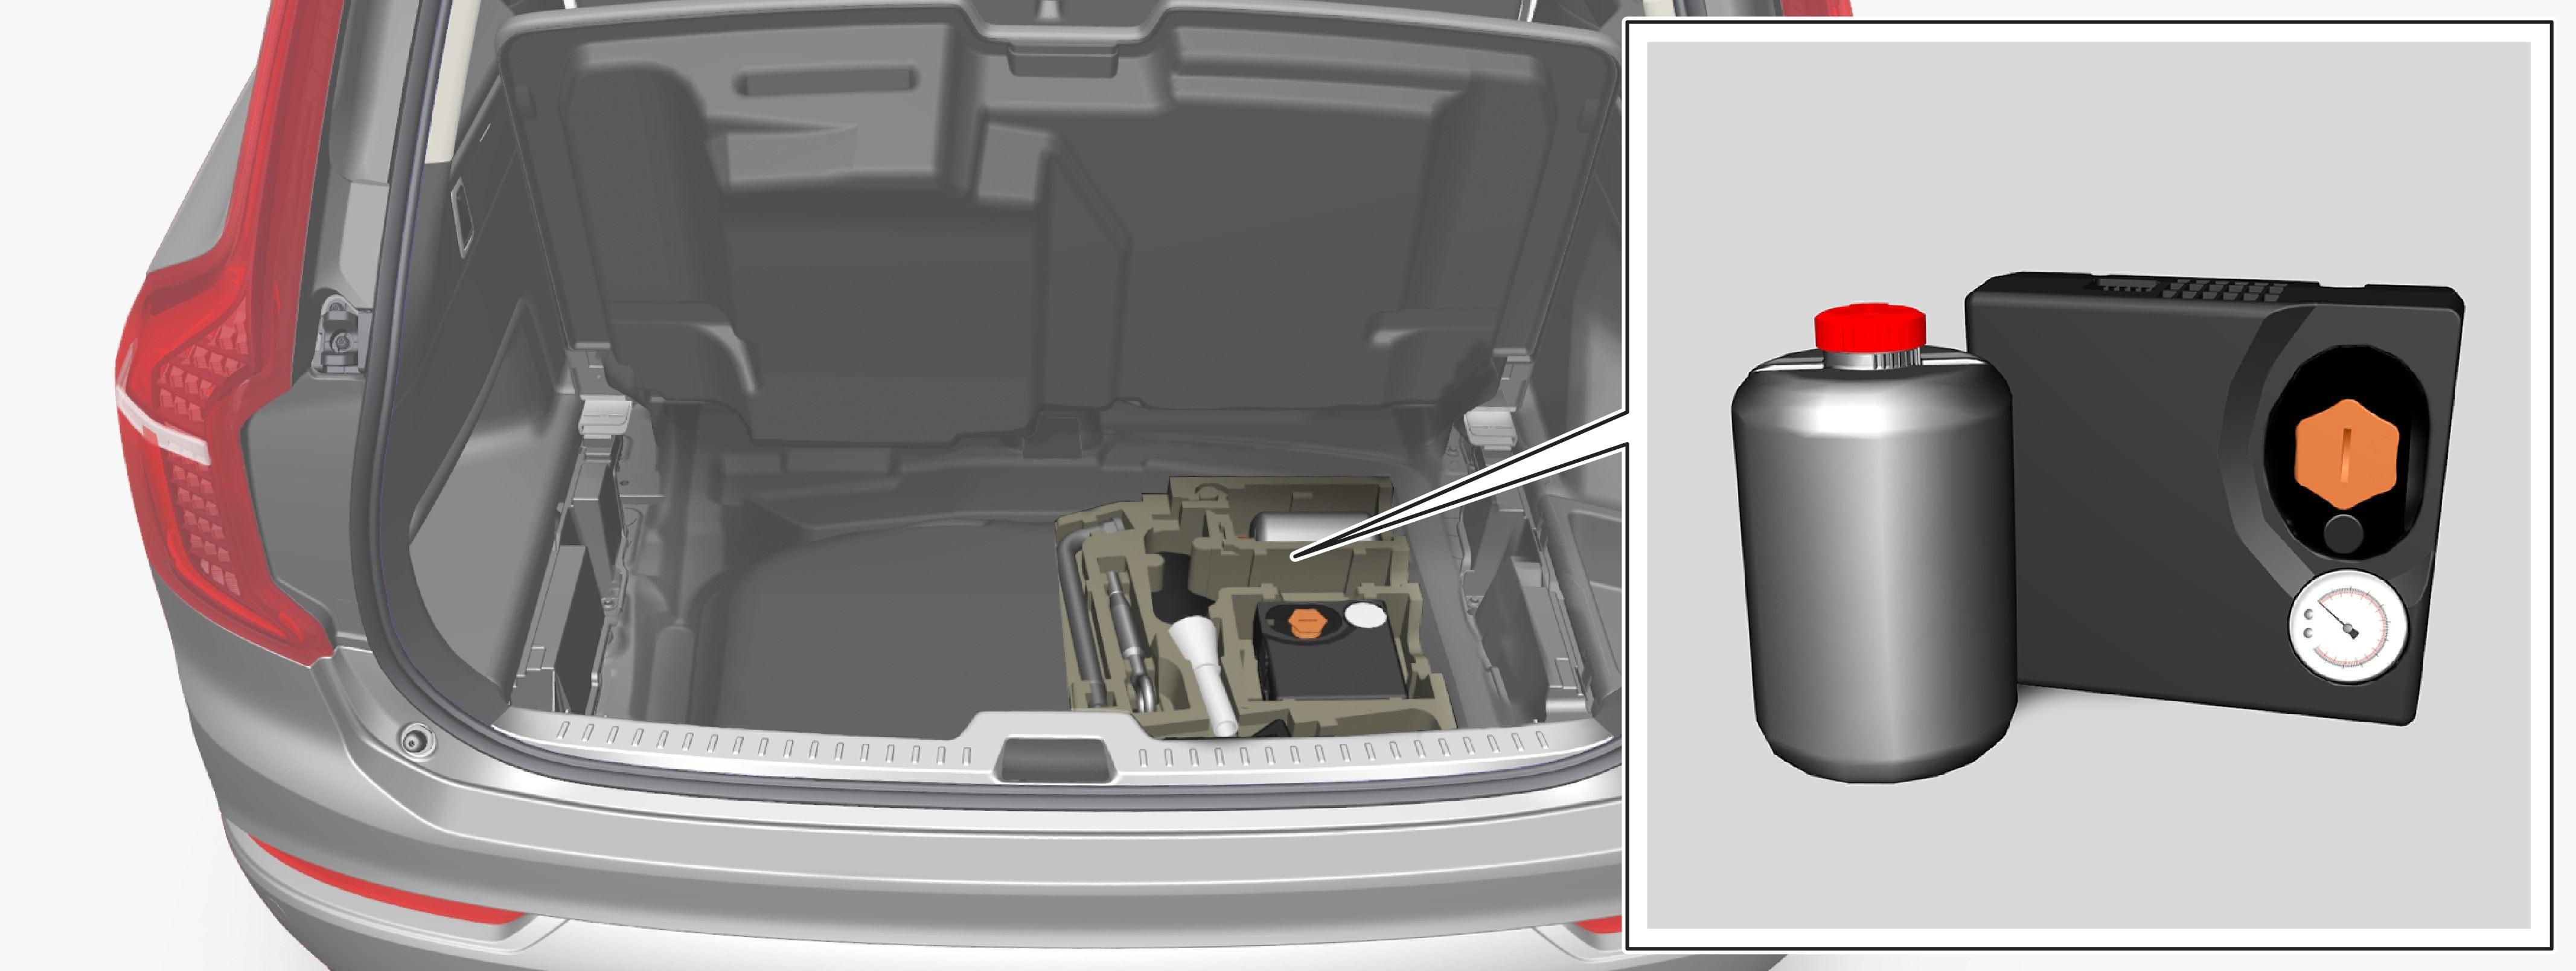 行李箱中的位置。插图仅为示意图 — 详细规格随车型的不同而有所变化。